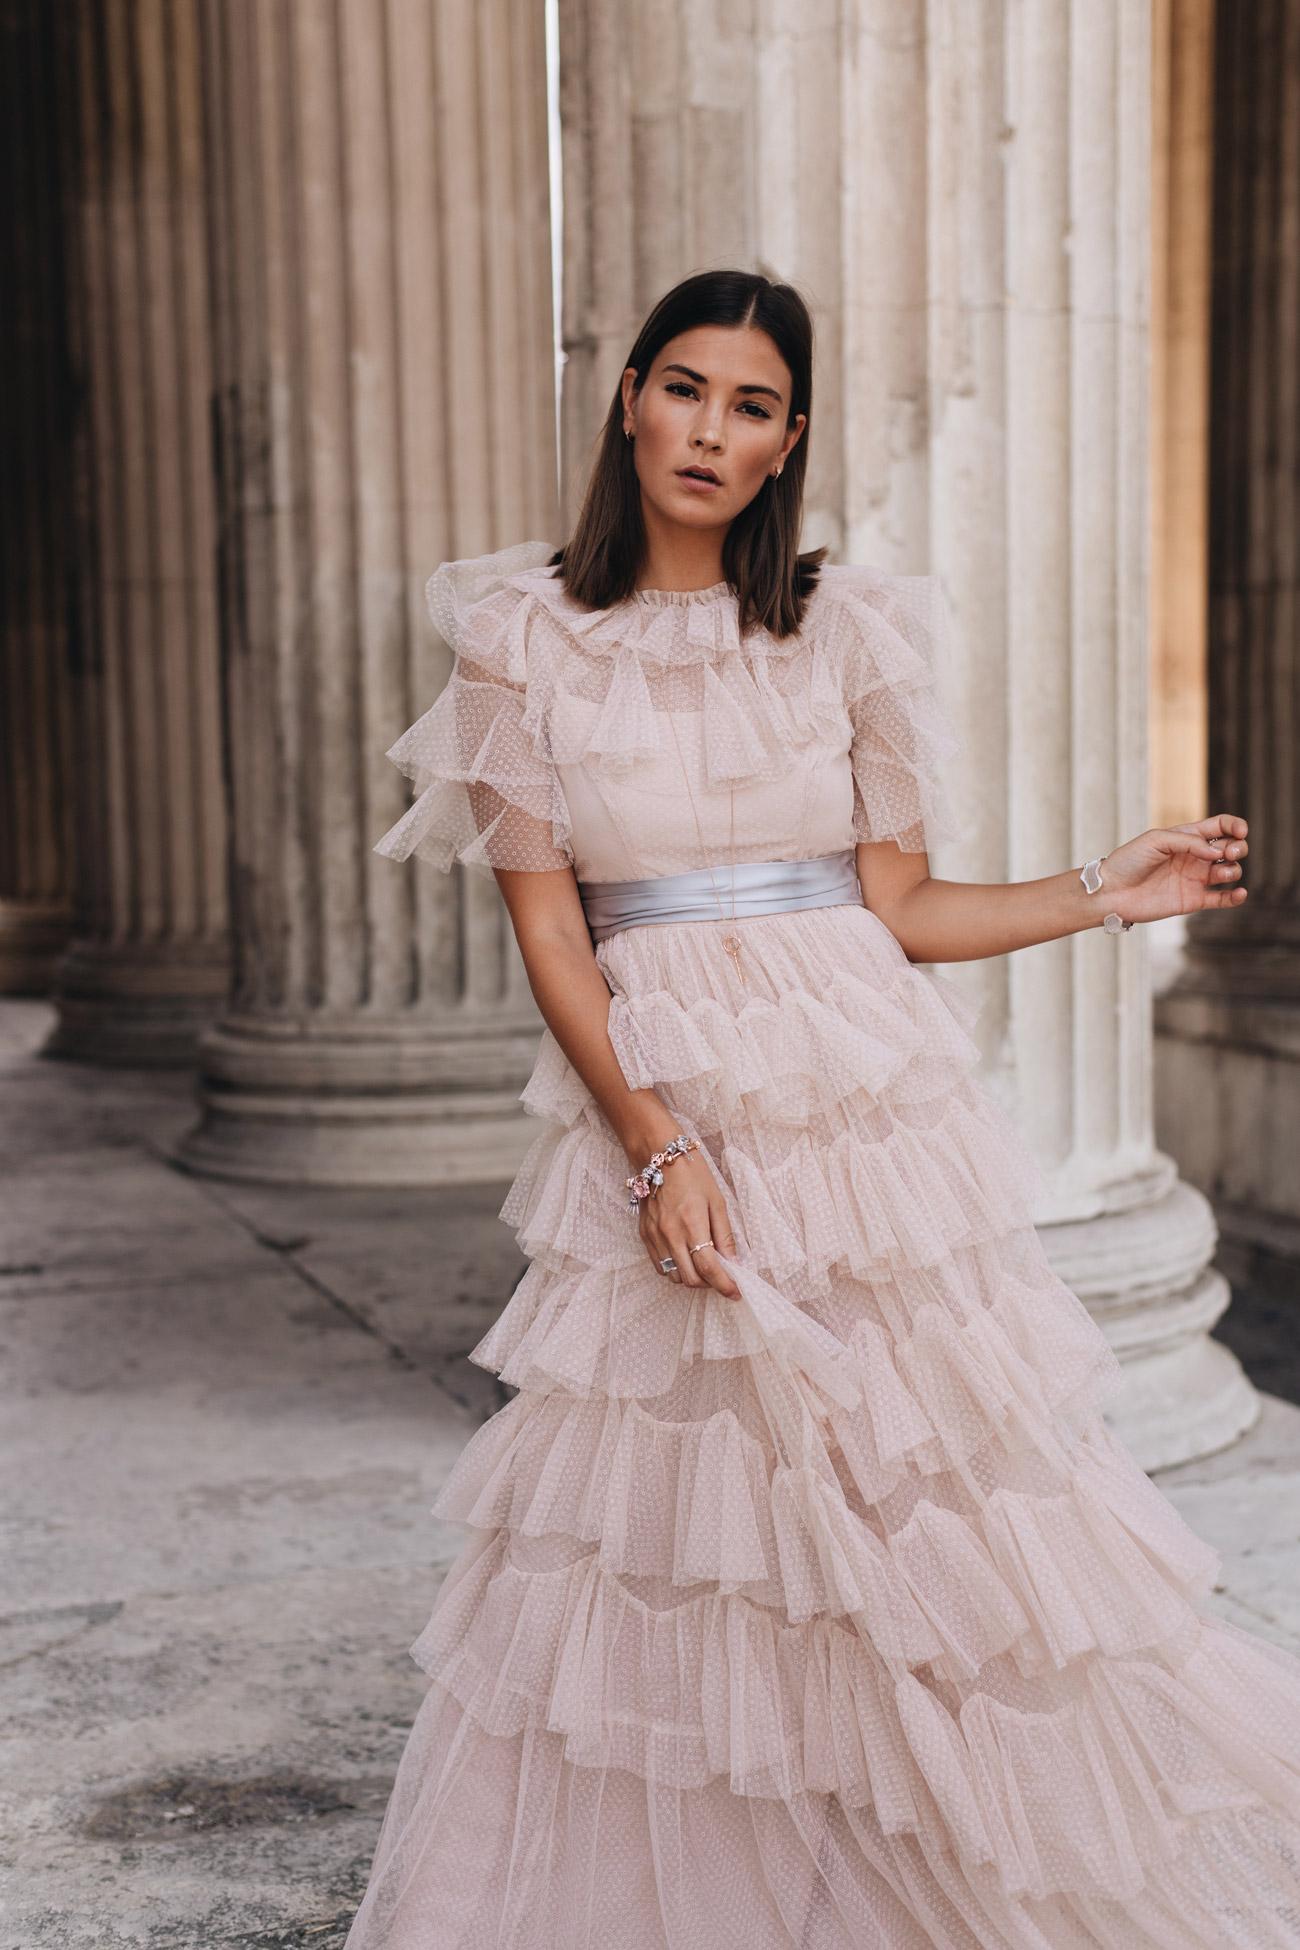 Dresscode für feierliche Anlässe: Kleider für Abiball, Hochzeit & Co.